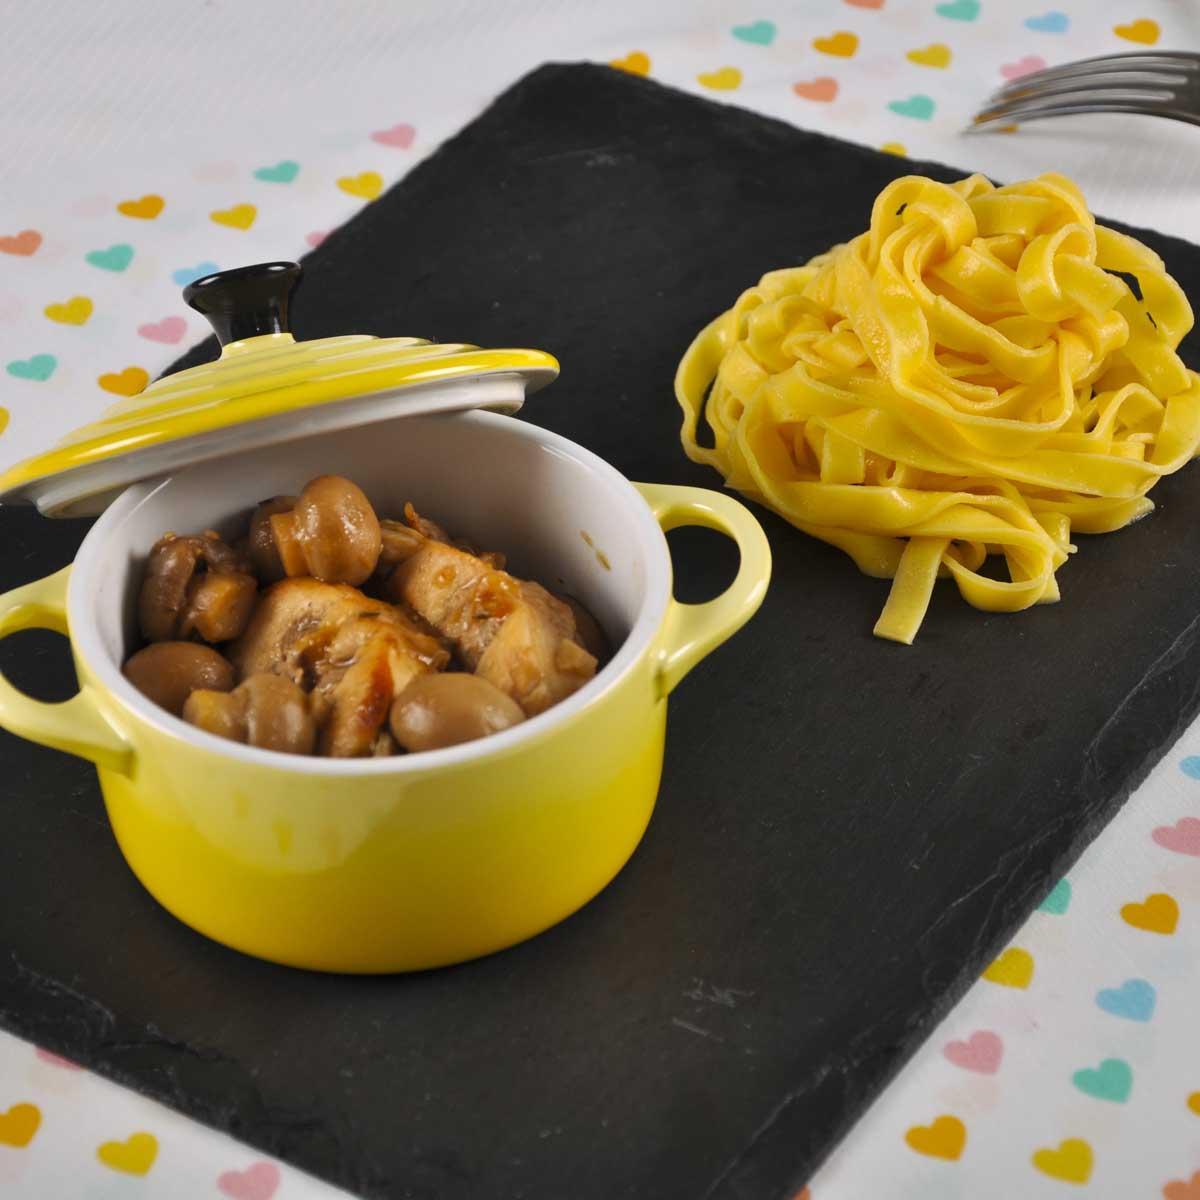 recette r bles de lapin brais s aux champignons cuisine madame figaro. Black Bedroom Furniture Sets. Home Design Ideas